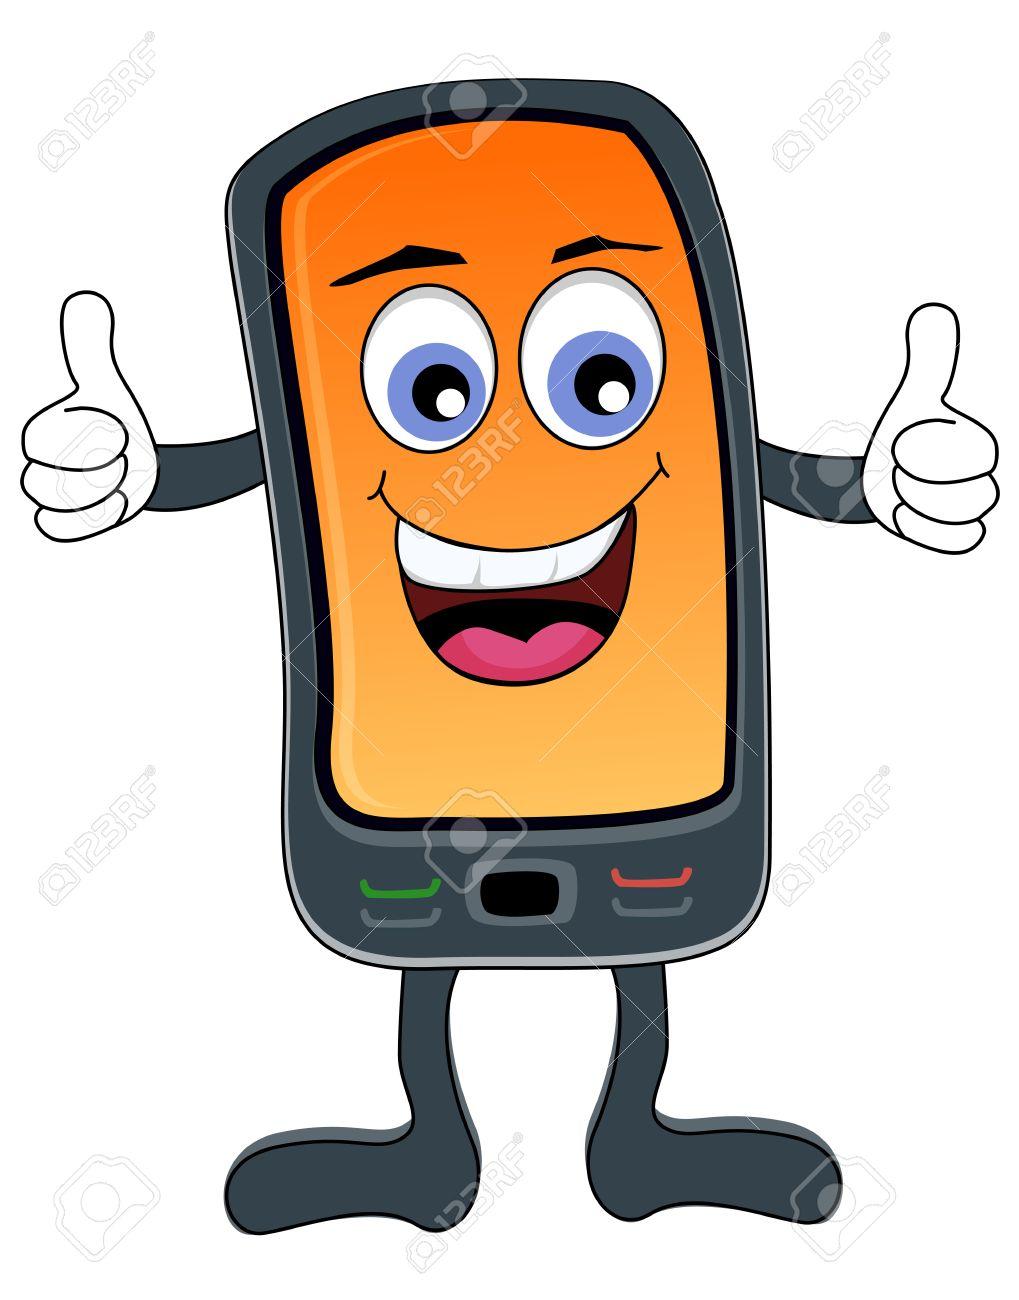 """Bildergebnis für smartphone karrikatur"""""""